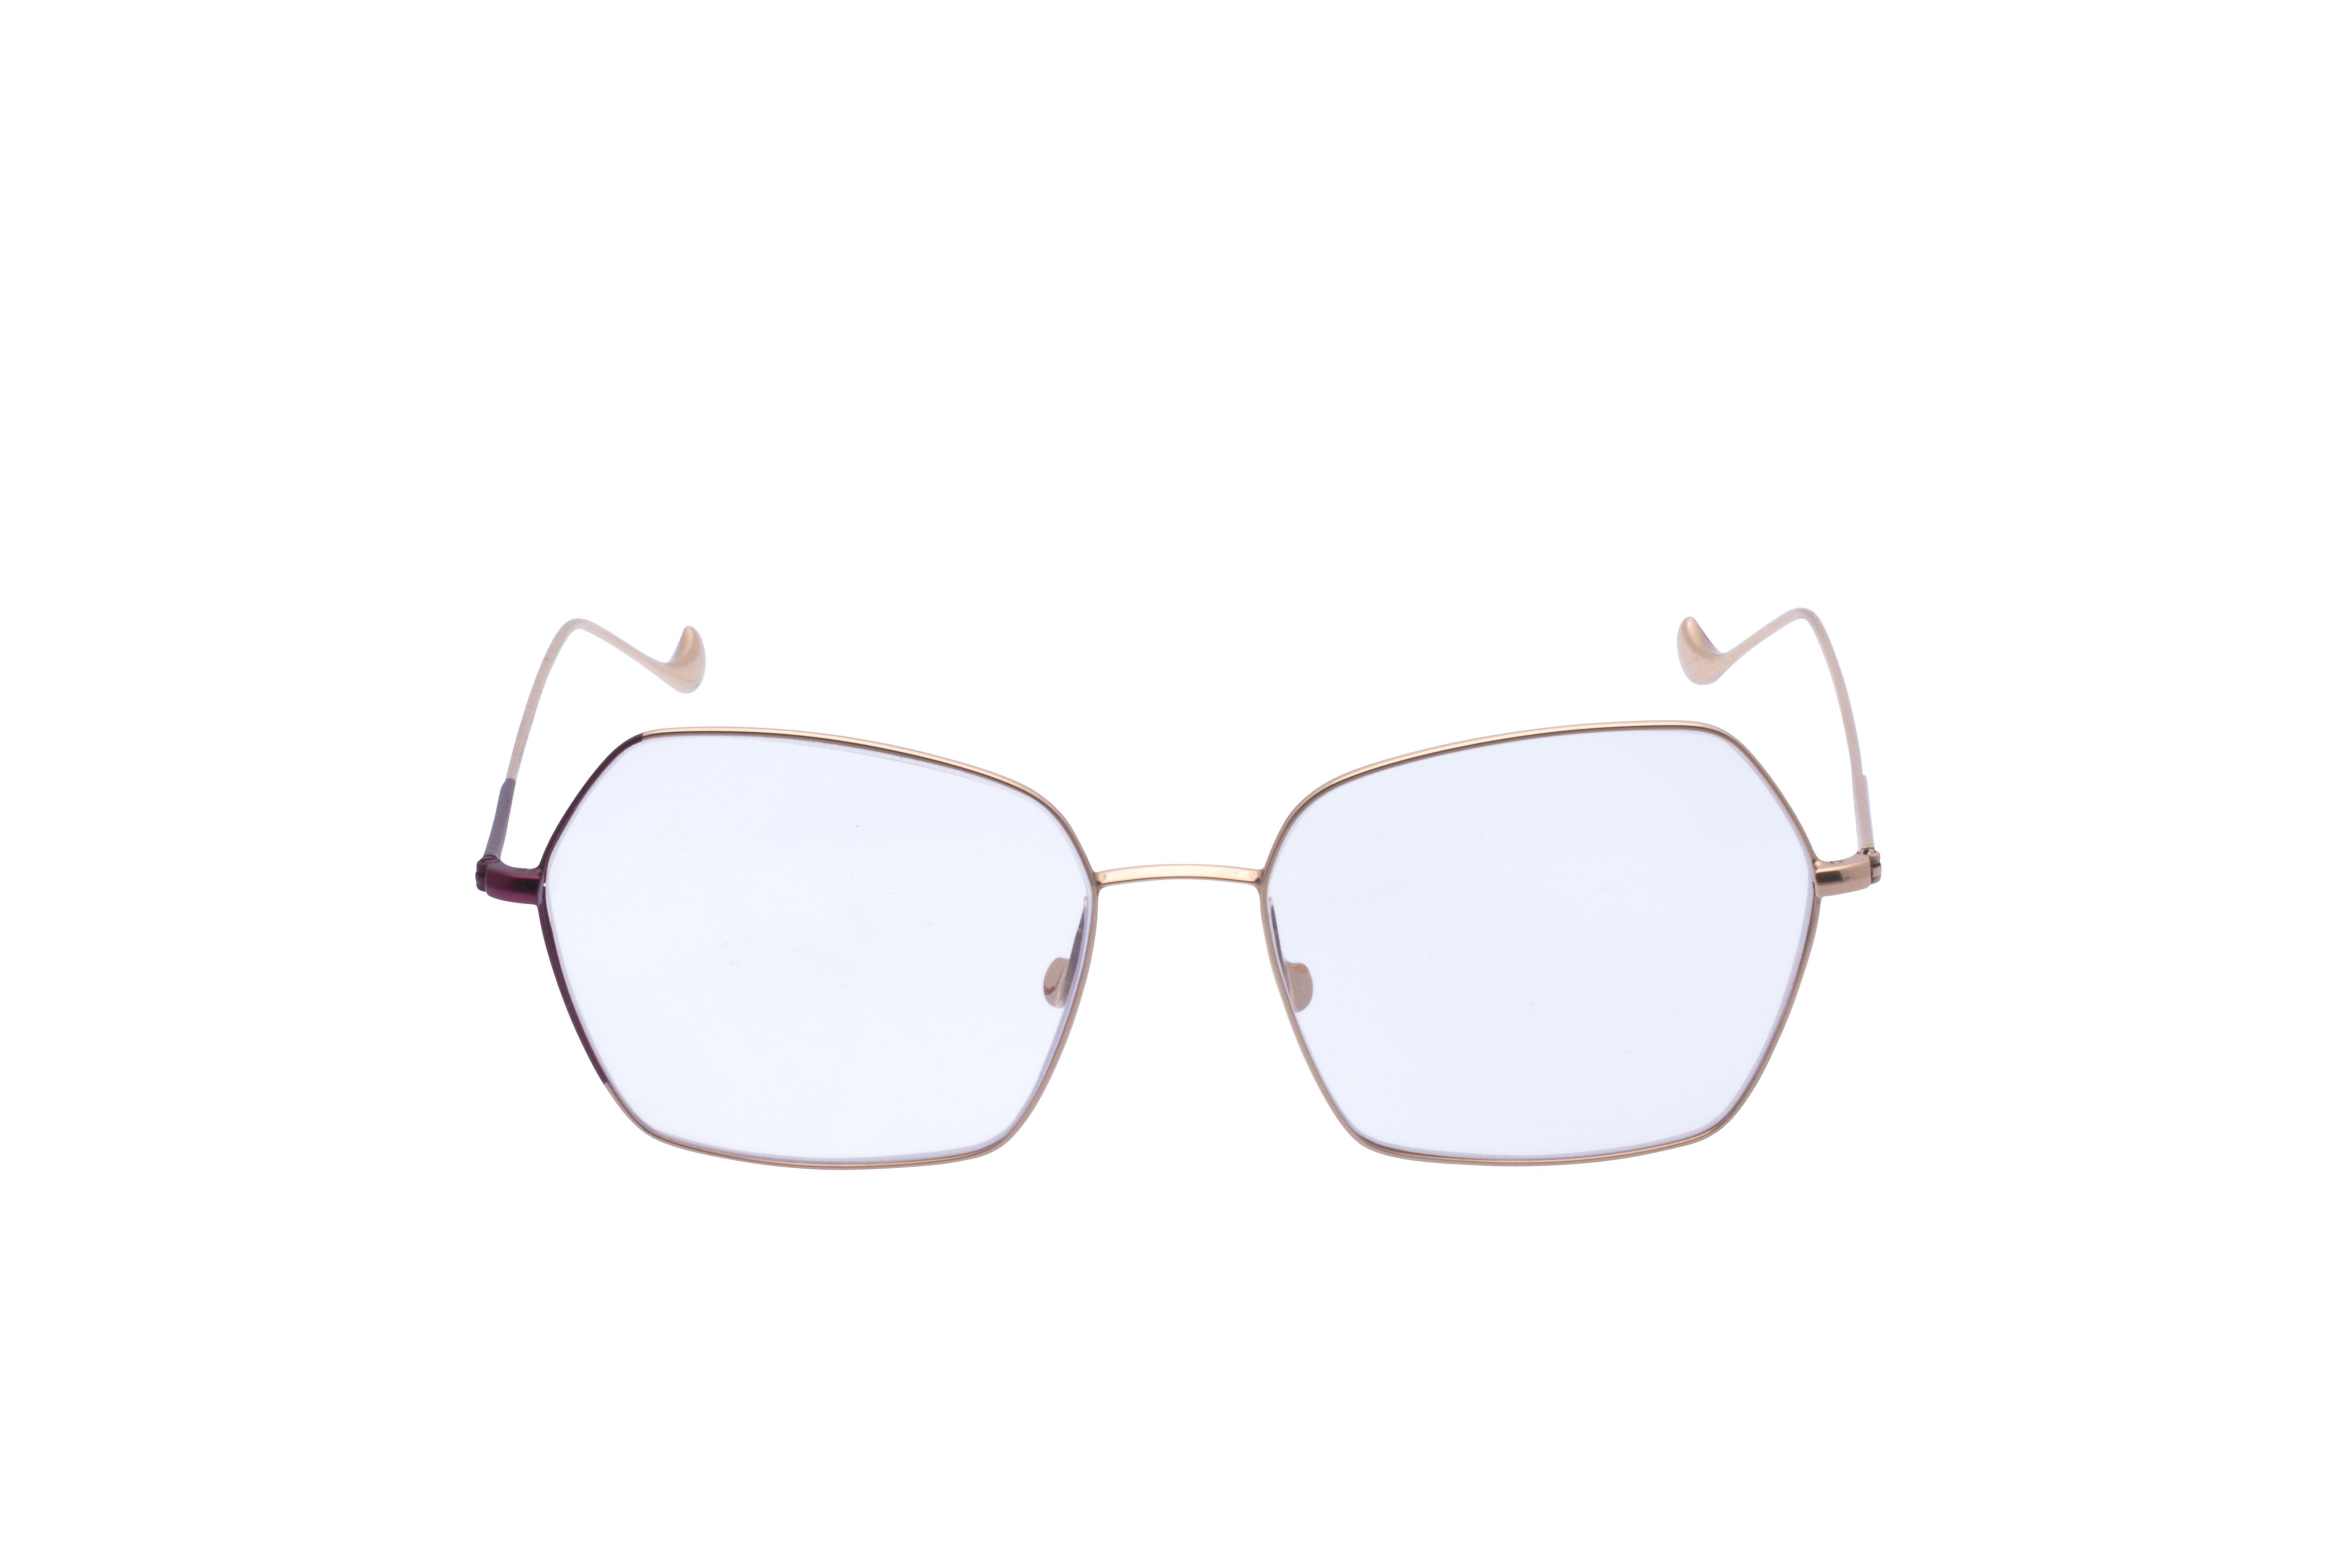 Caroline Abram Volcane Frontansicht, Brille auf Weiß